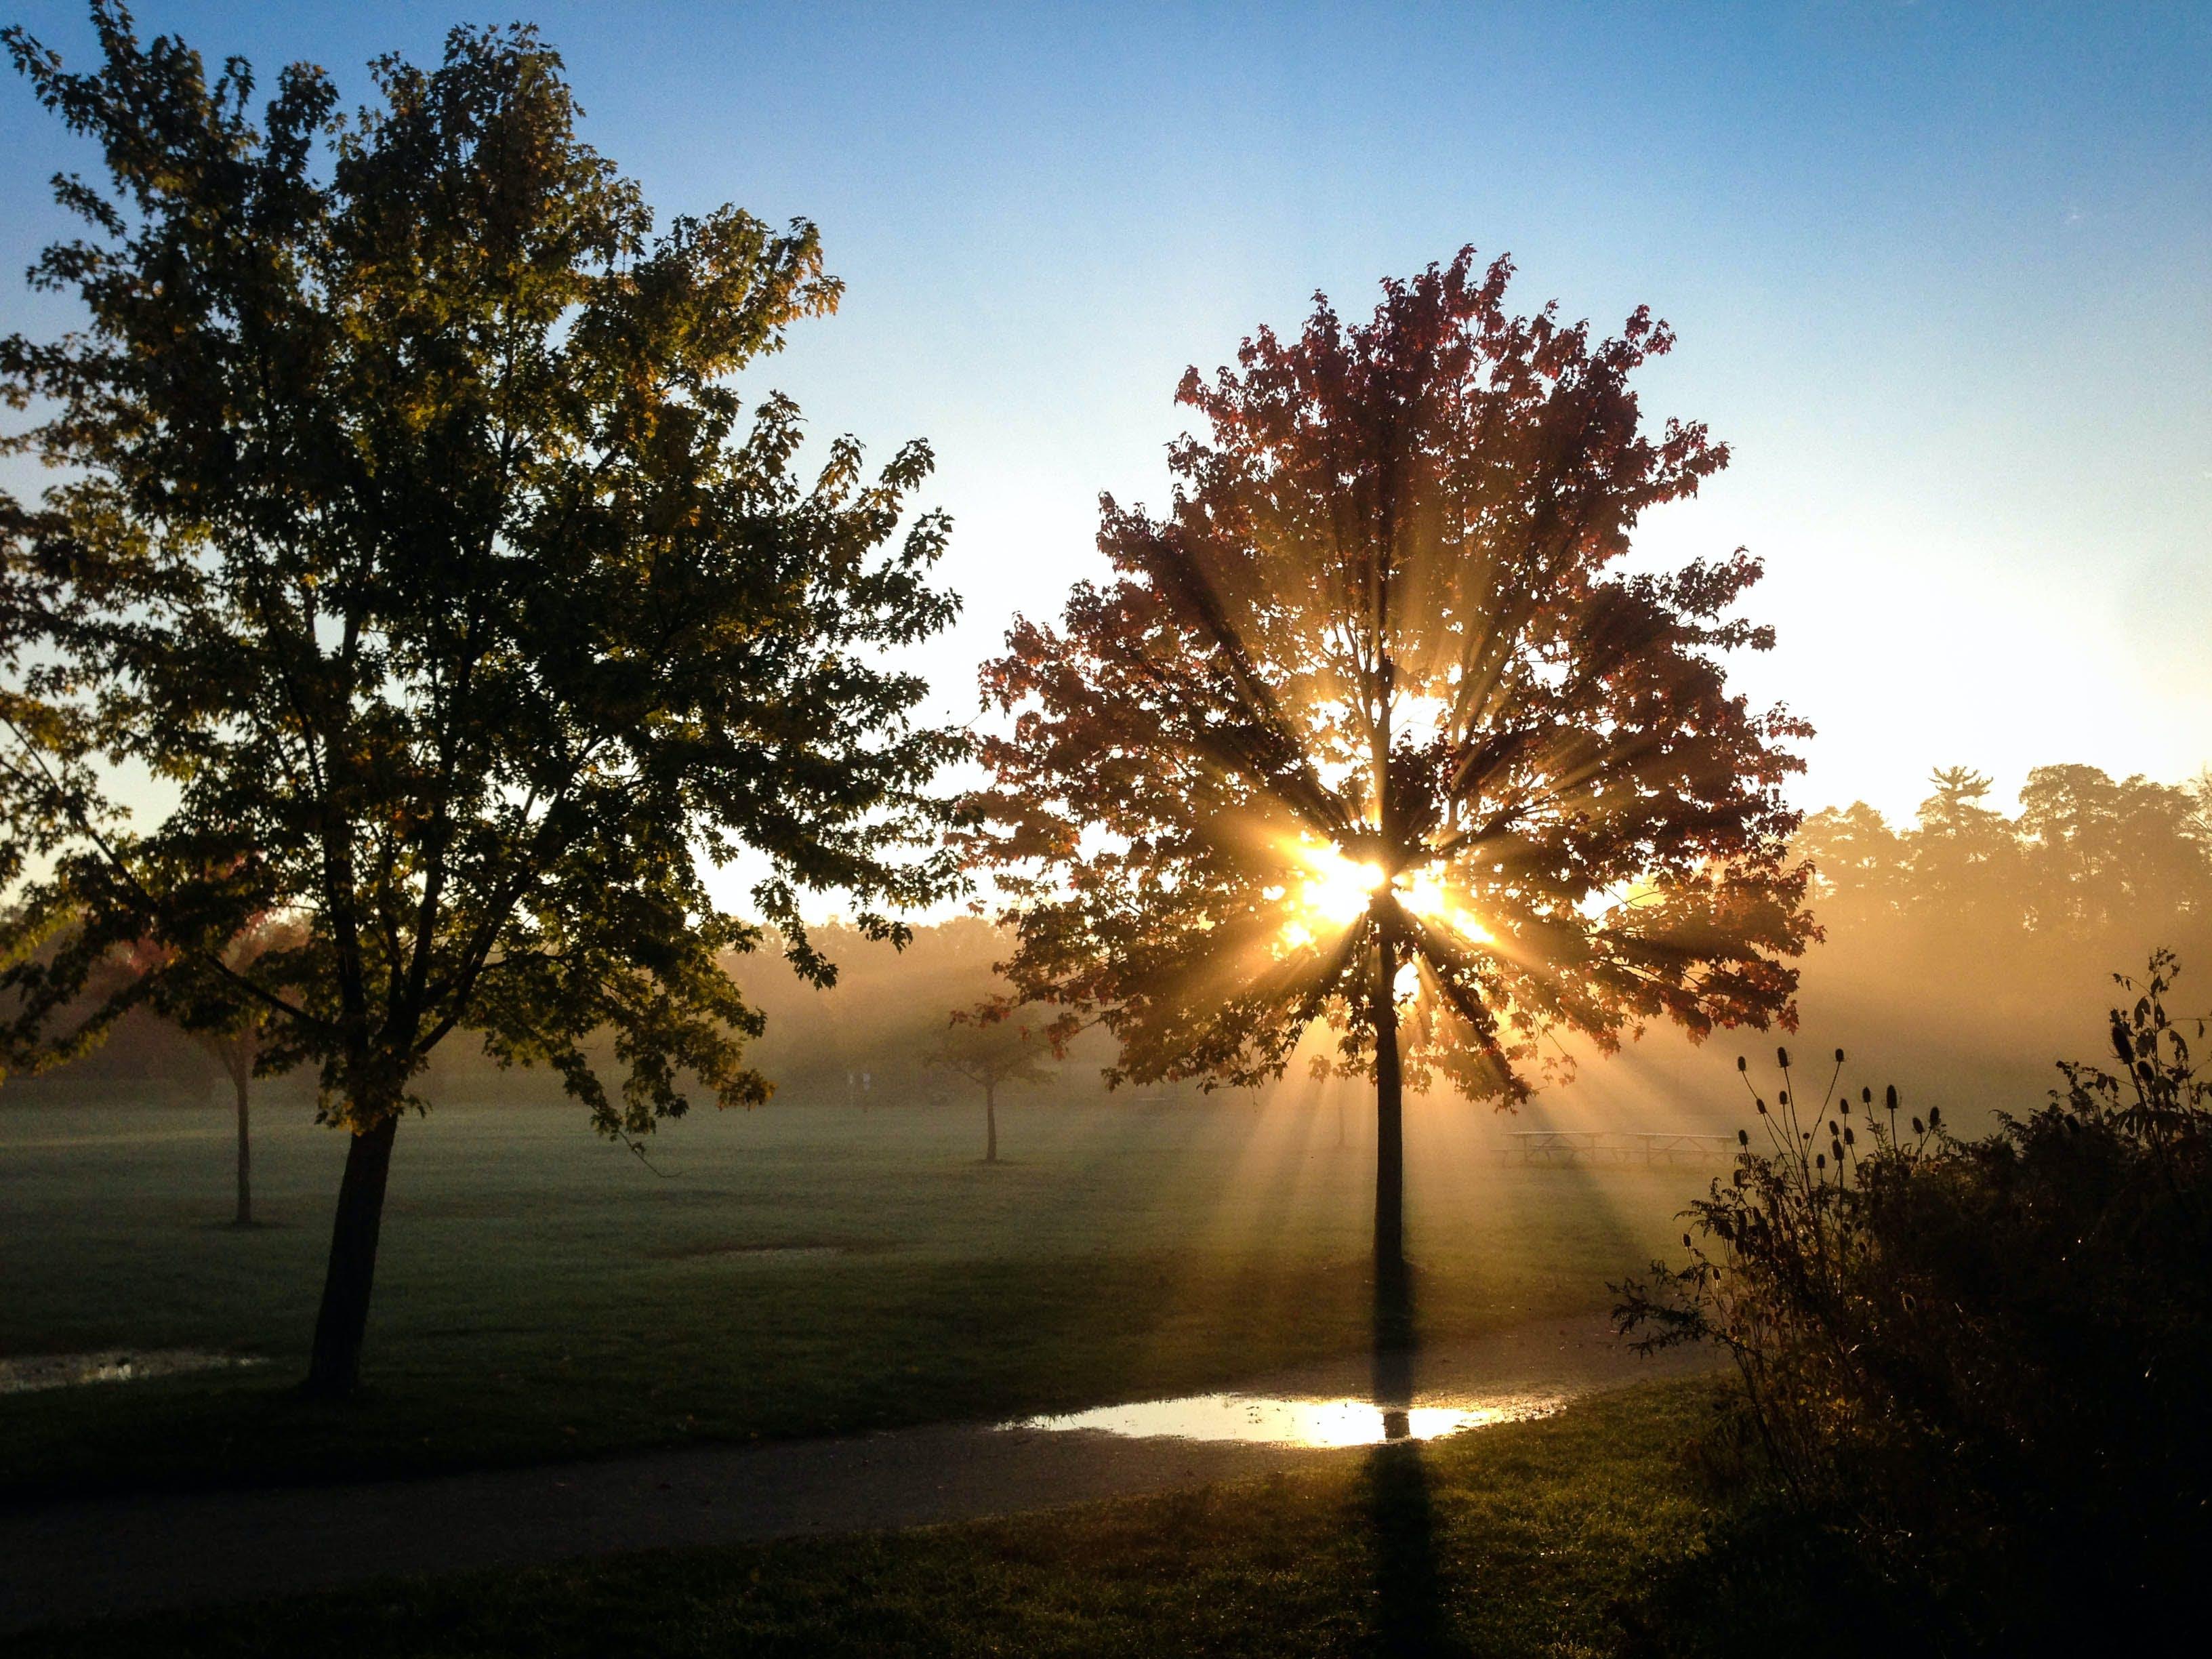 Gratis stockfoto met bomen, dageraad, landschap, mist